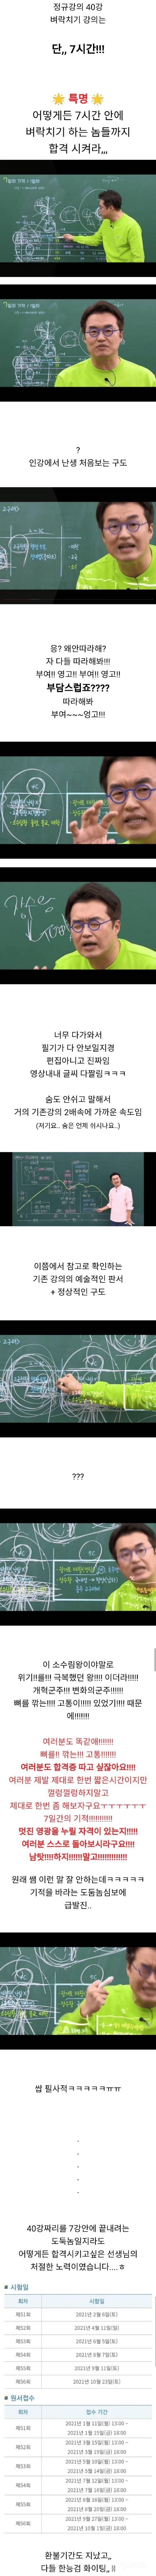 현재 한국에서 가장 급하다는 강사...jpg   인스티즈